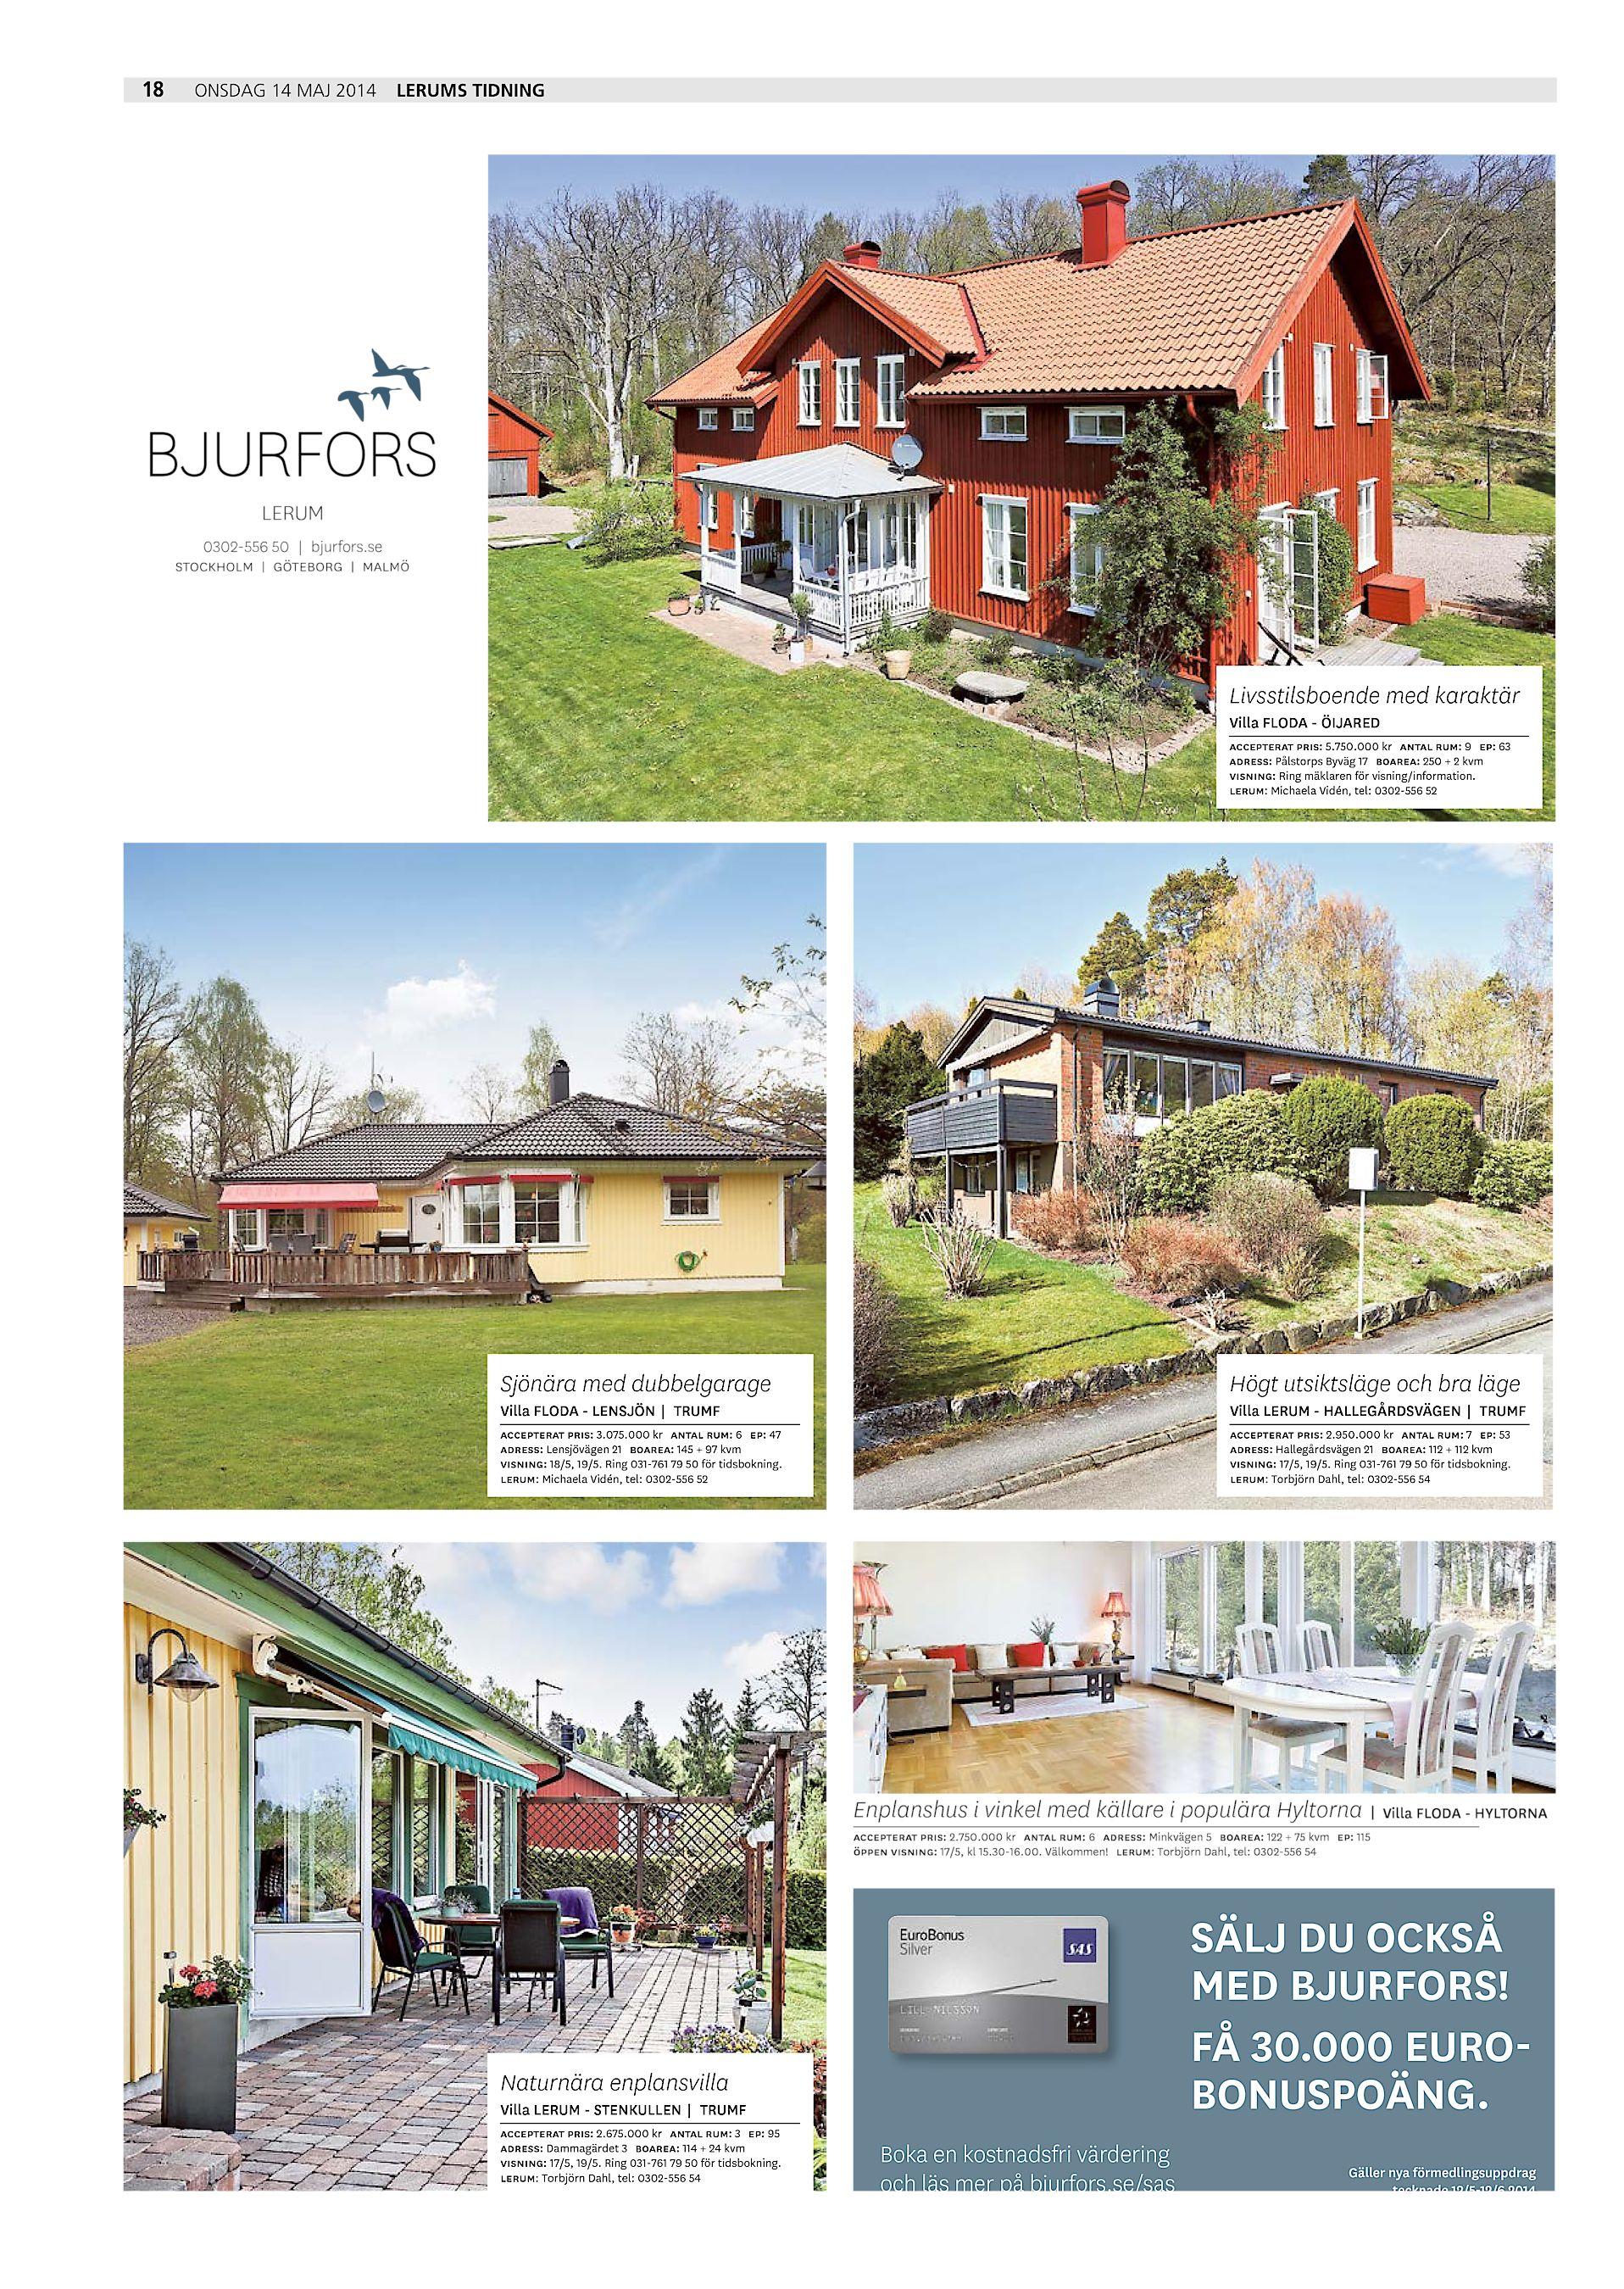 8c281ddf1b1a 18 onsdag 14 maj 2014 Lerums Tidning LERUM 0302-556 50 | bjurfors.se  Livsstilsboende med karaktär Villa FLODA - ÖIJARED accepterat pris:  5.750.000 kr antal ...